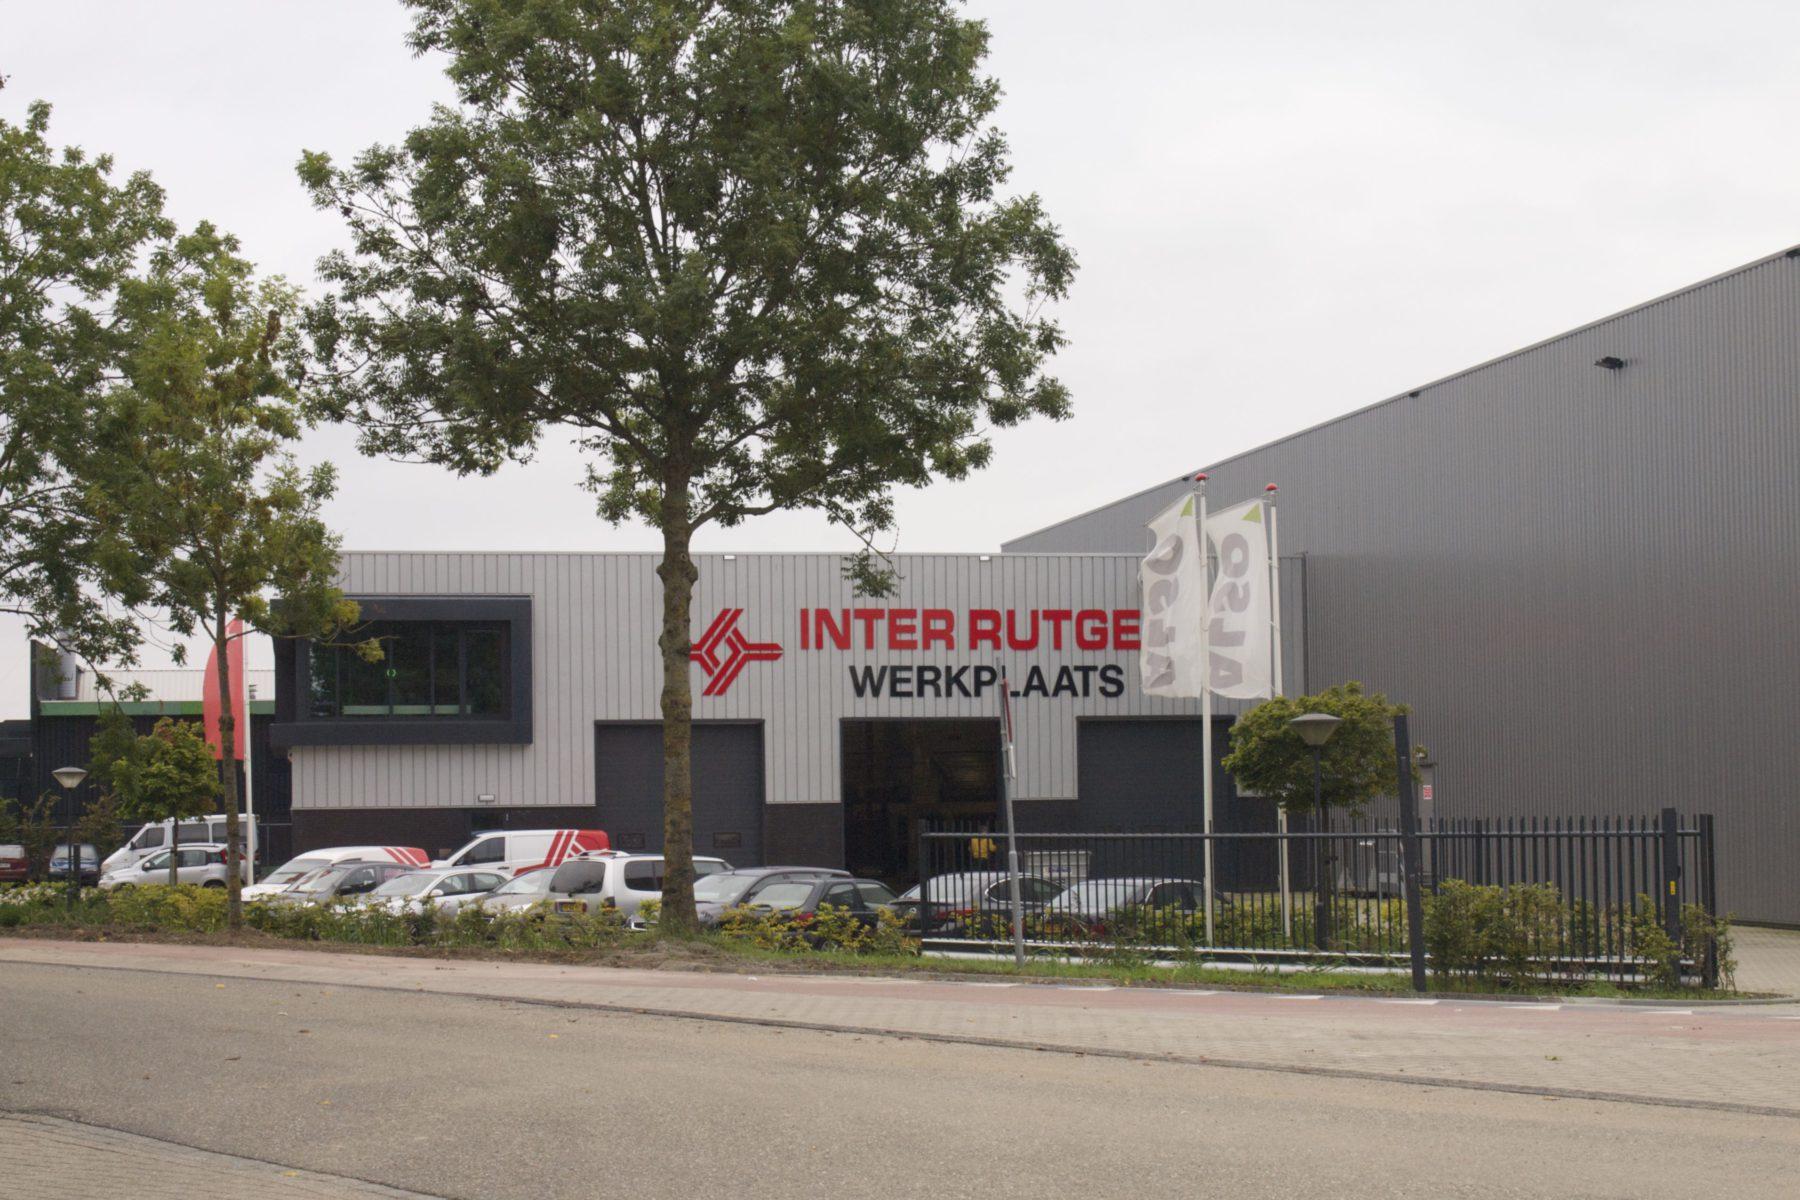 Inter Rutges